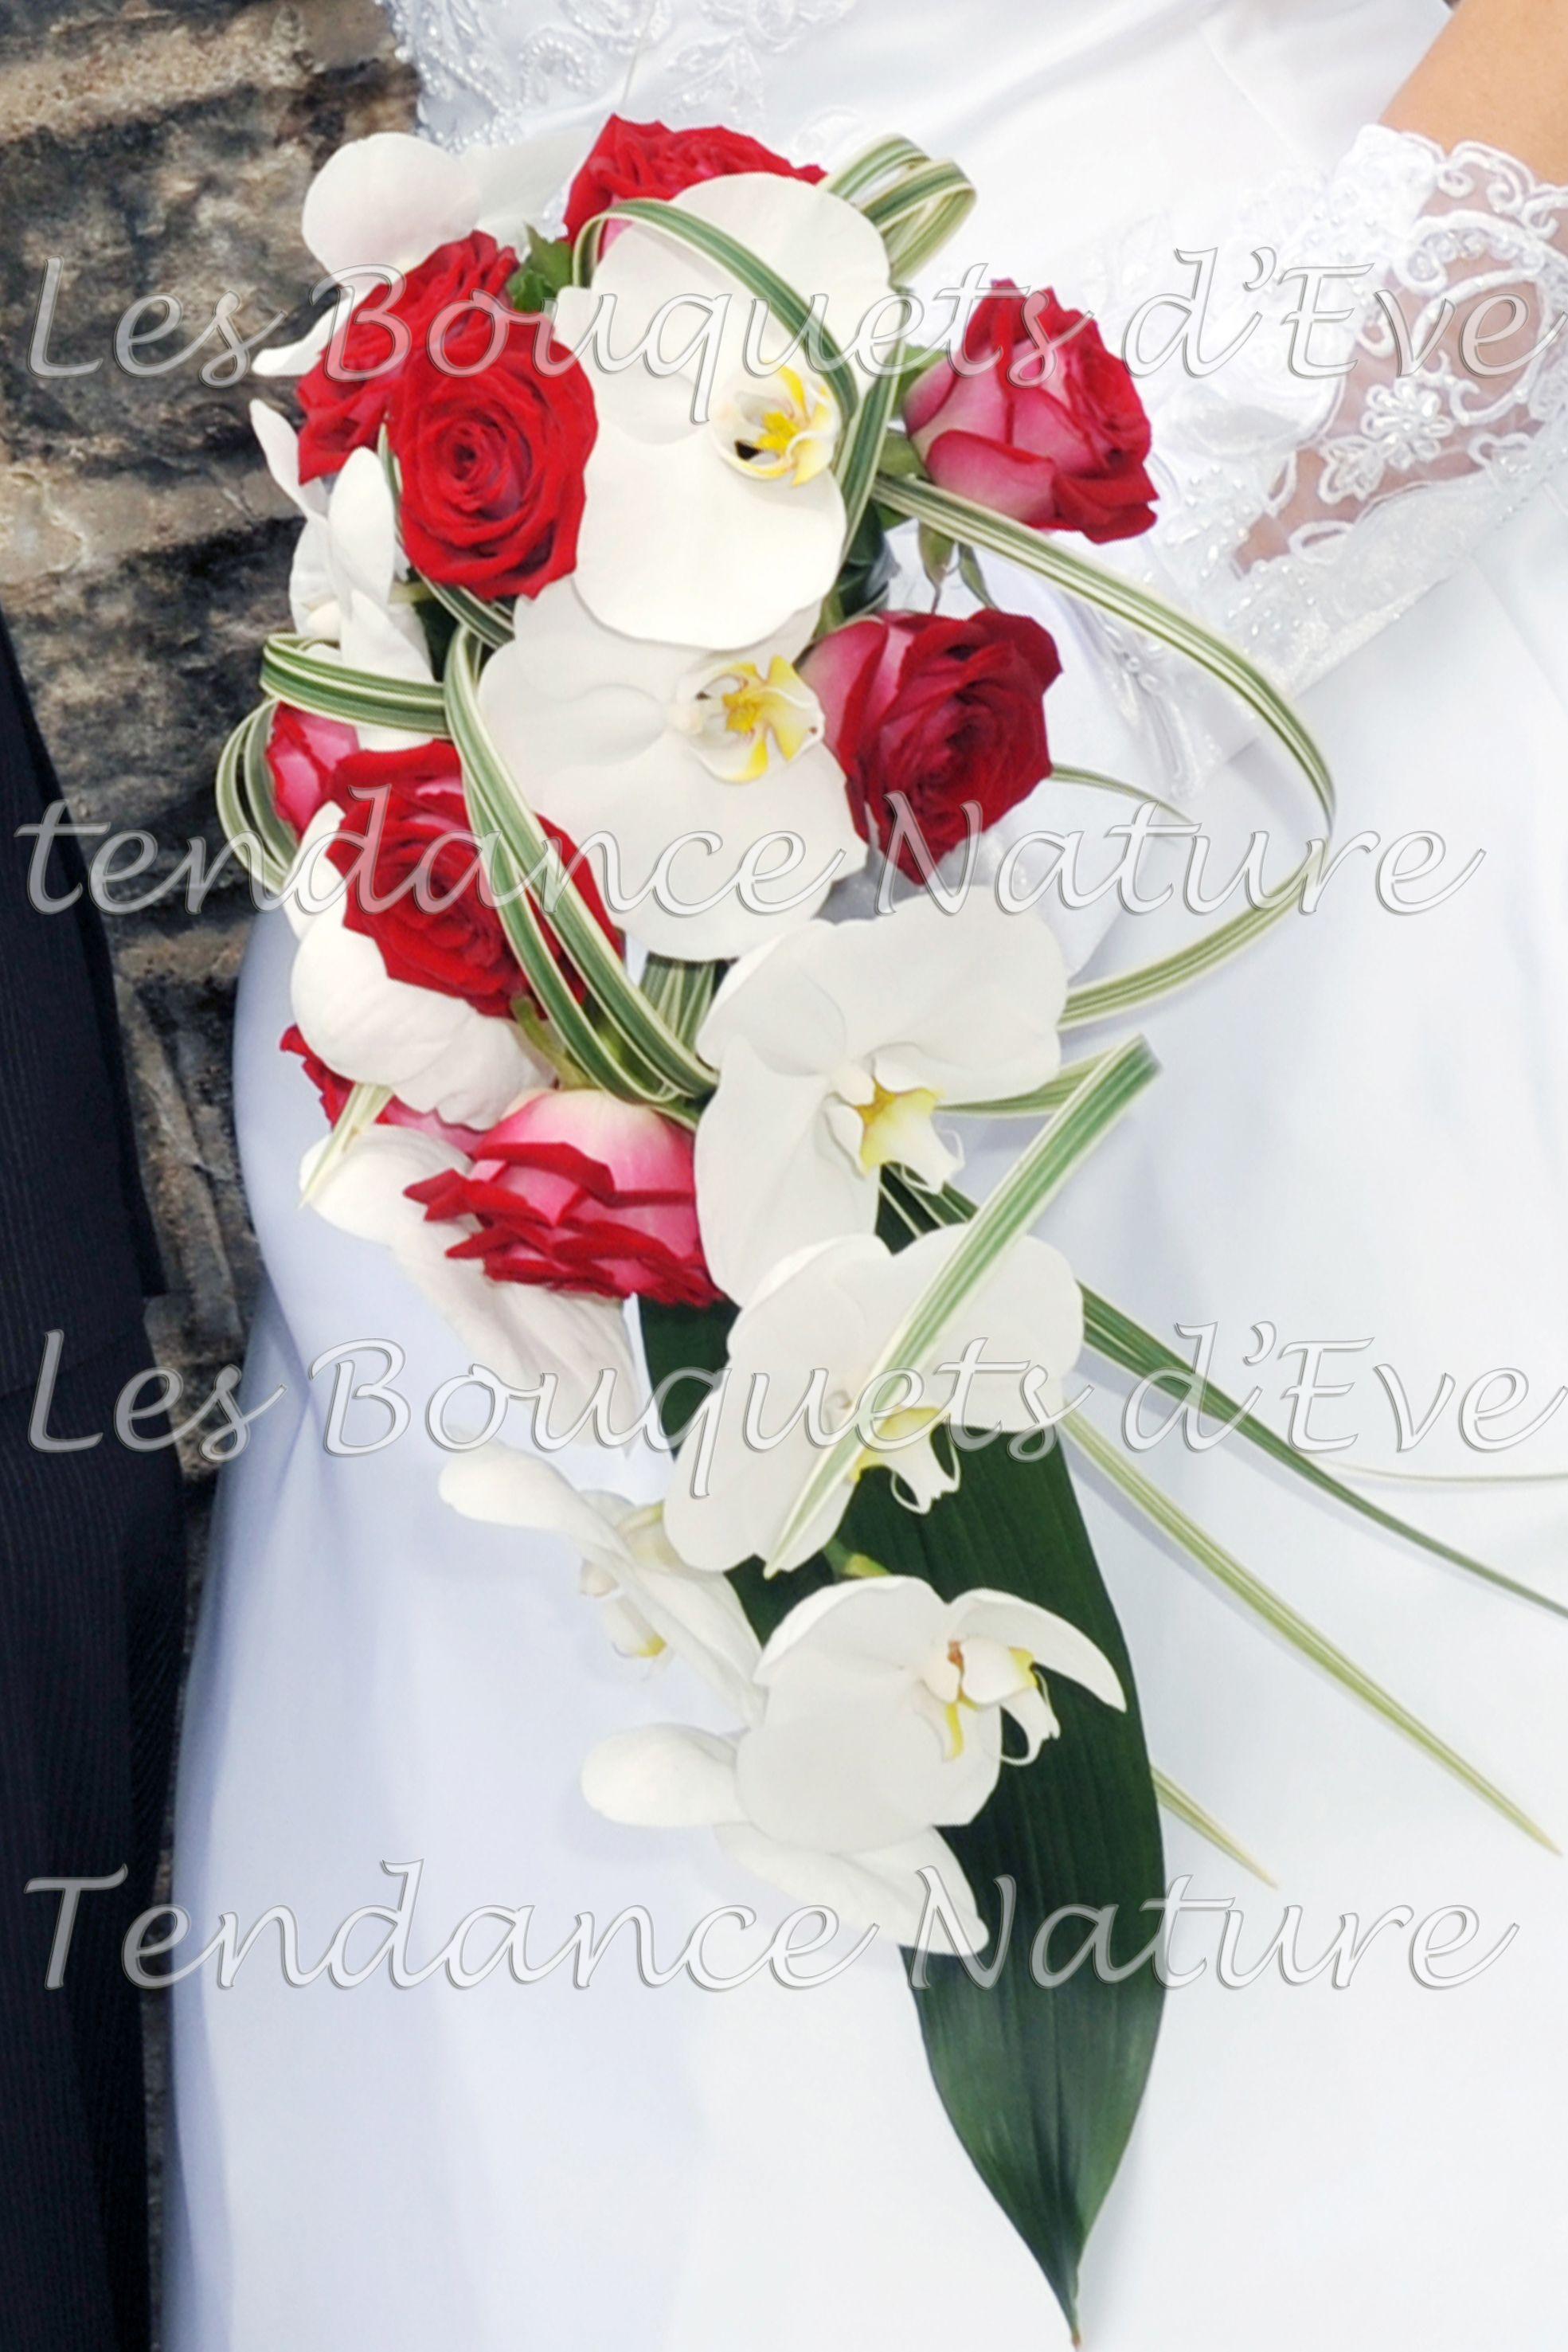 Bouquet Mariee Orchidee Et Roses Rouges Bouquet Mariee